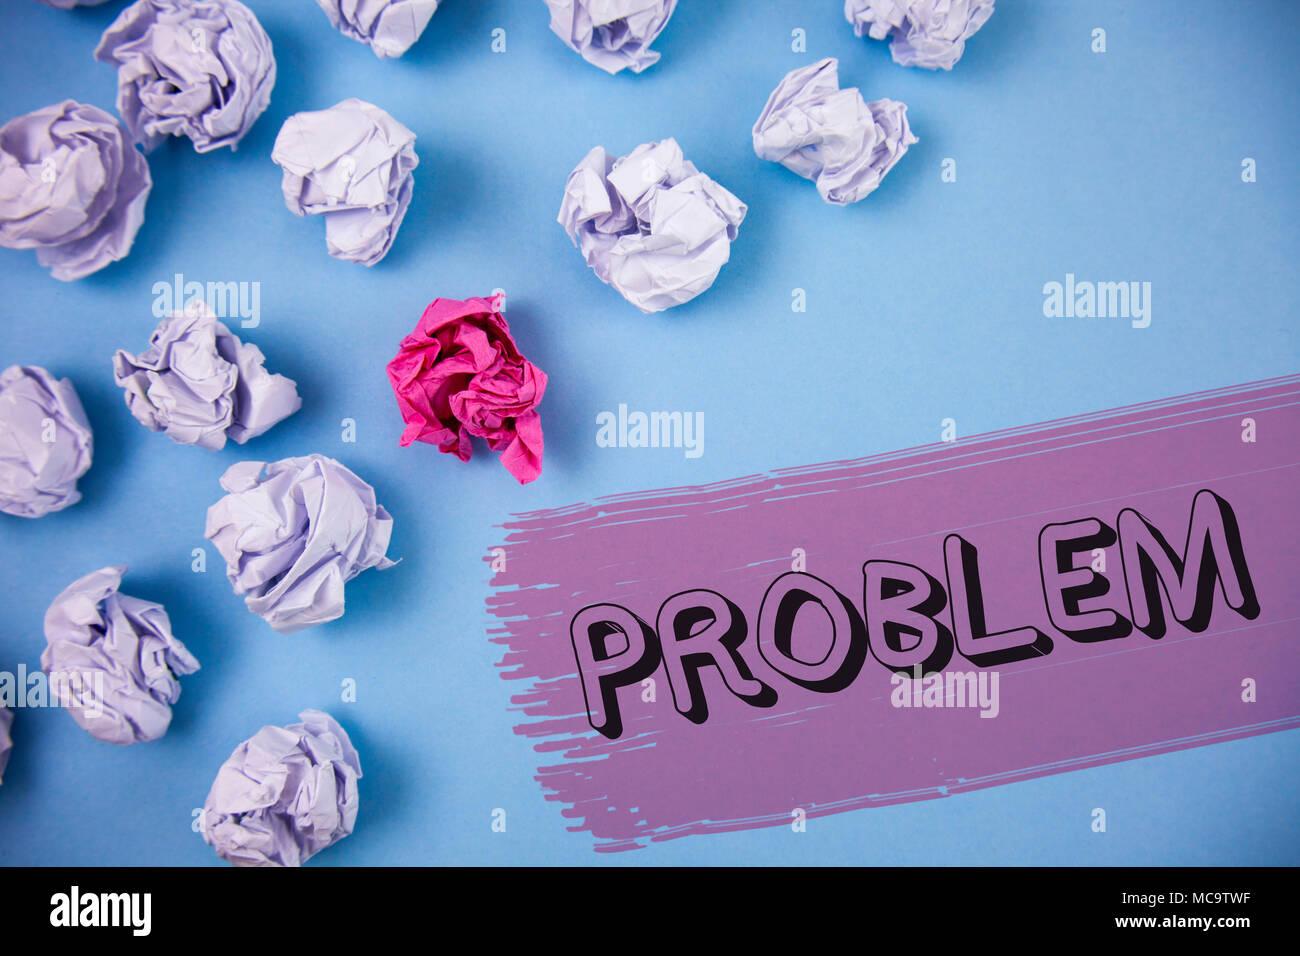 L'écriture de texte mot problème. Pour le concept d'entreprise à résoudre la situation difficile de l'arrière-plan écrit Complication peint Crumple Photo Stock